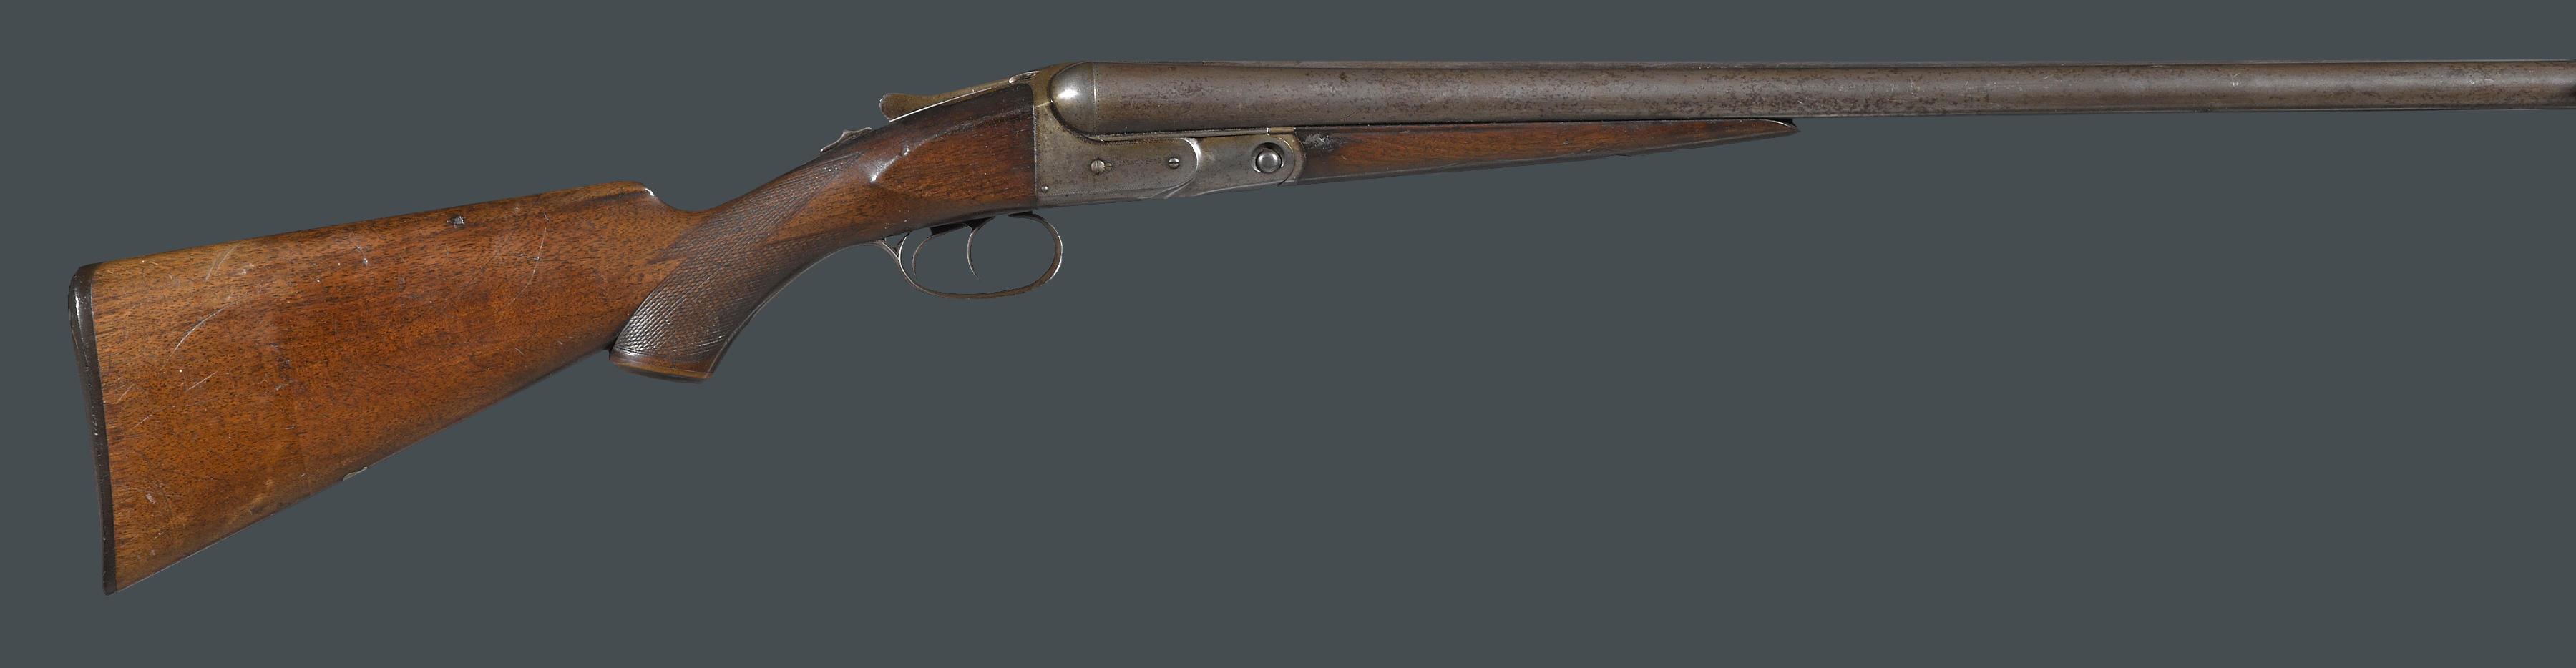 Parker gun